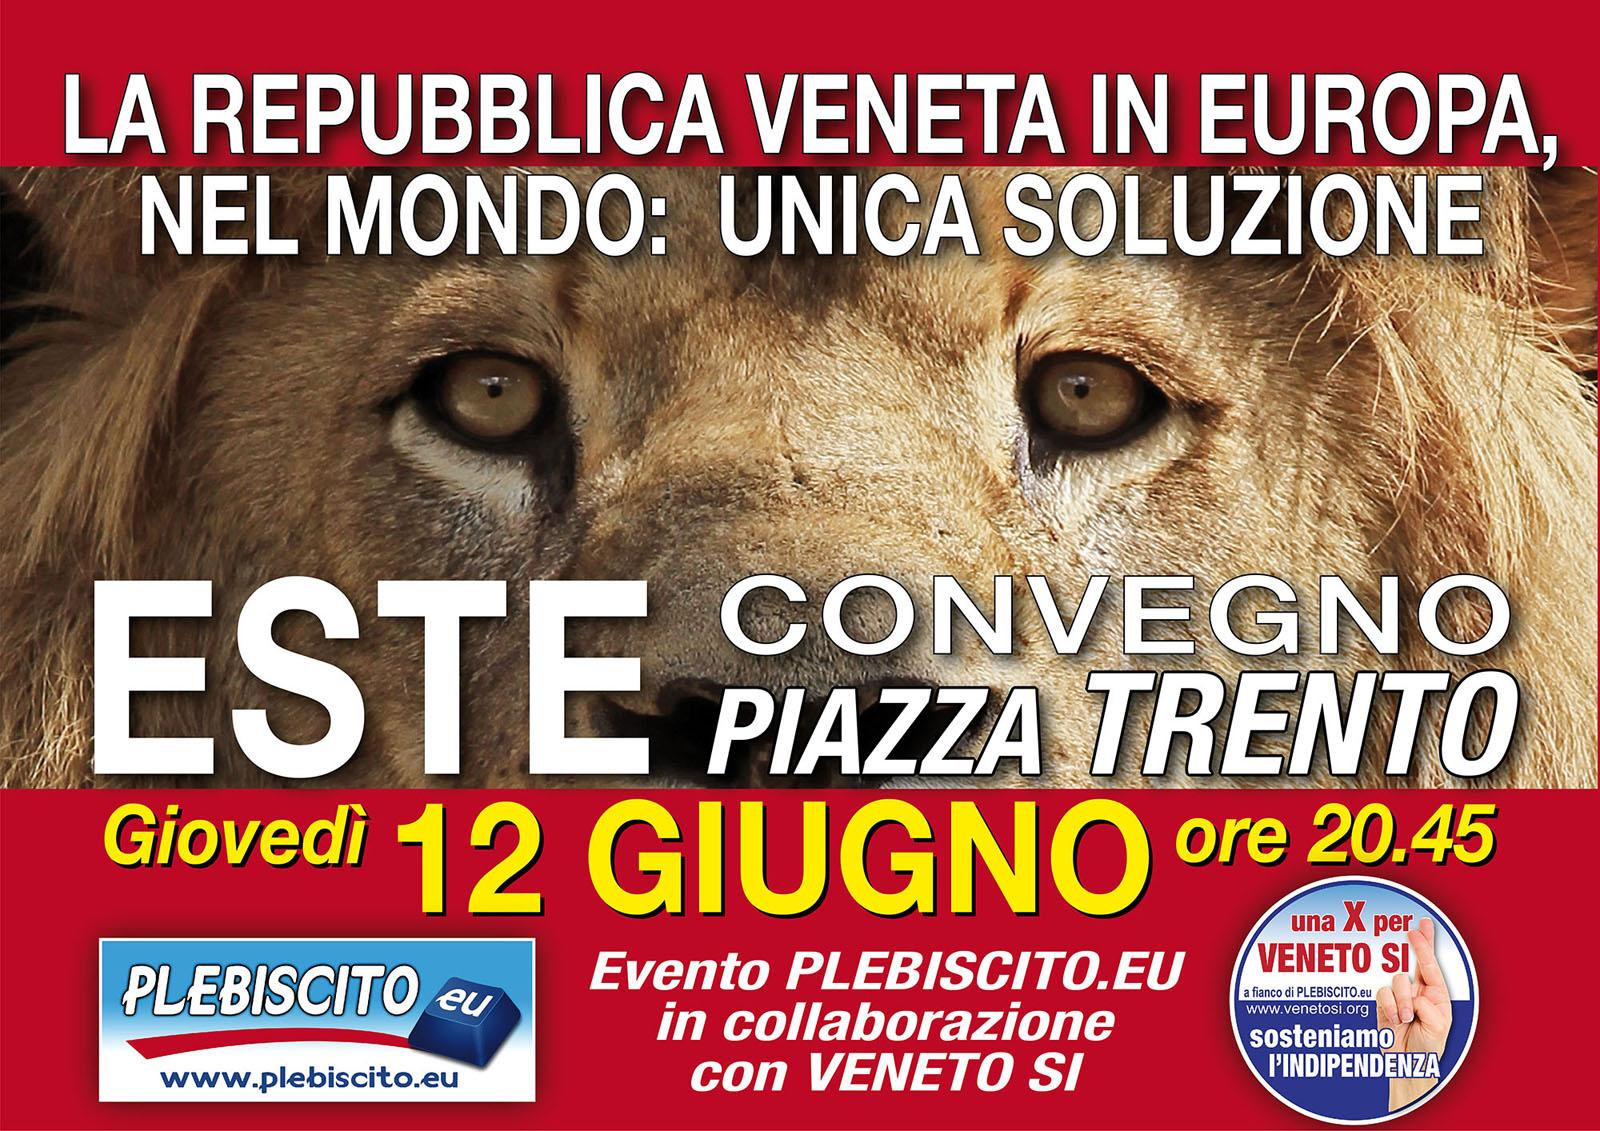 """Giovedì 12 giugno prossimo, alle ore 20.30 in piazza Trento ad ESTE si terrà un grande Evento PLEBISCITO.EU con la collaborazione di VENETO SI """"LA REPUBBLICA VENETA IN EUROPA, NEL MONDO: UNICA SOLUZIONE"""" Interverranno: -Ing. GIANLUCA BUSATO Presidente di PLEBISCITO.EU, ideatore del Referendum per L'indipendenza del Veneto, Membro della Delegazione dei Dieci. -Prof. BERNARDINI Dr. […]"""